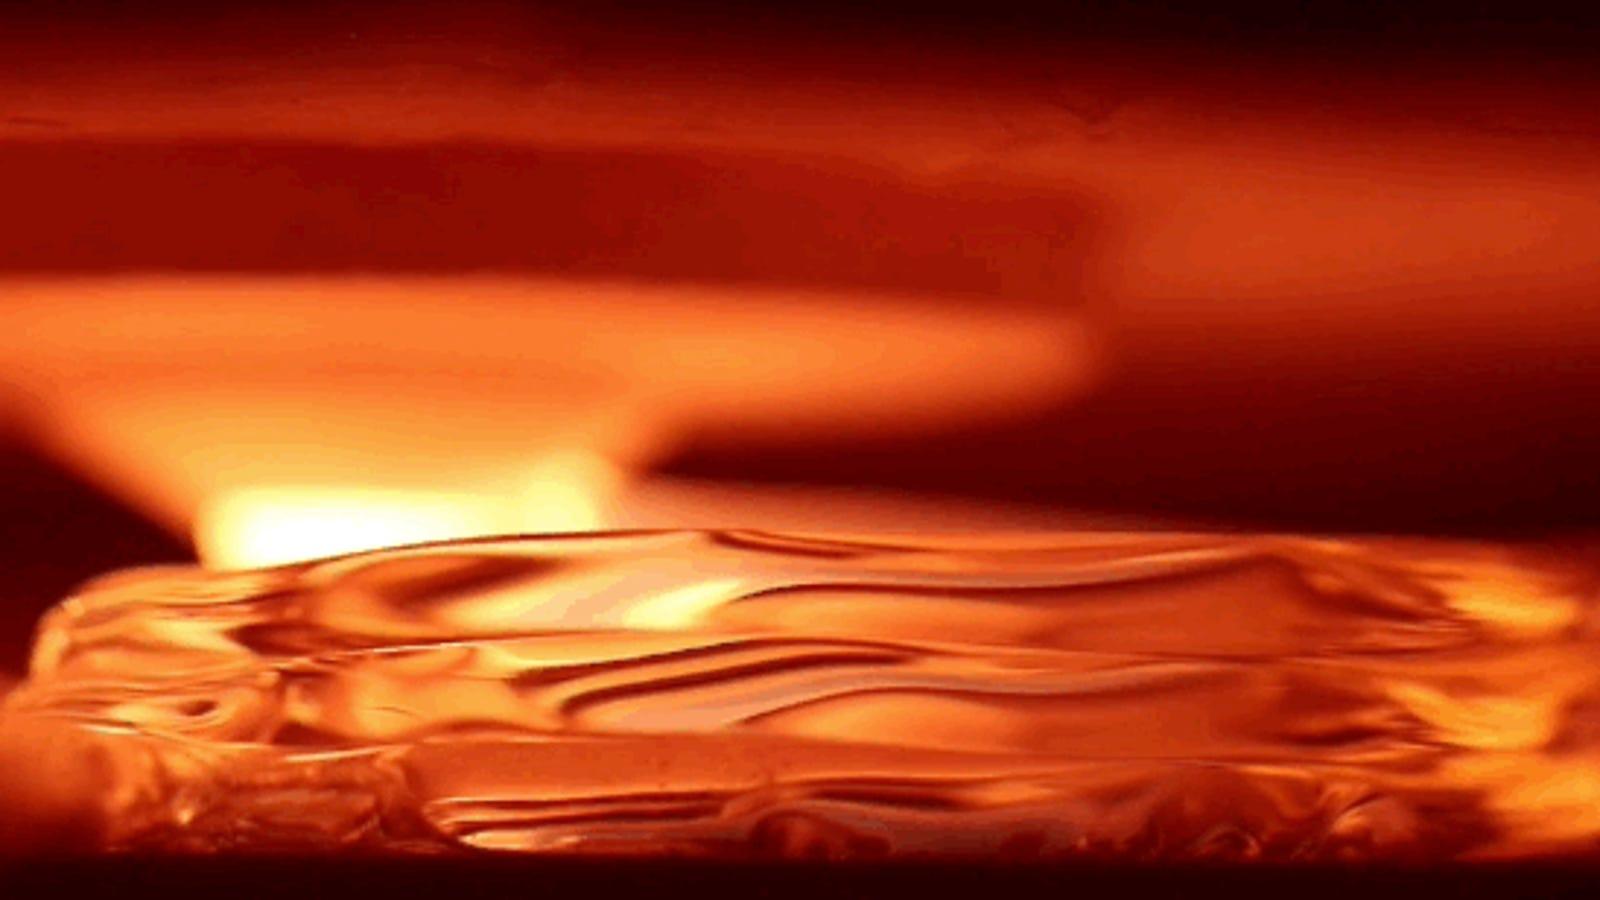 Disfruta viendo imprimir objetos en 3D con cristal fundido a mil grados